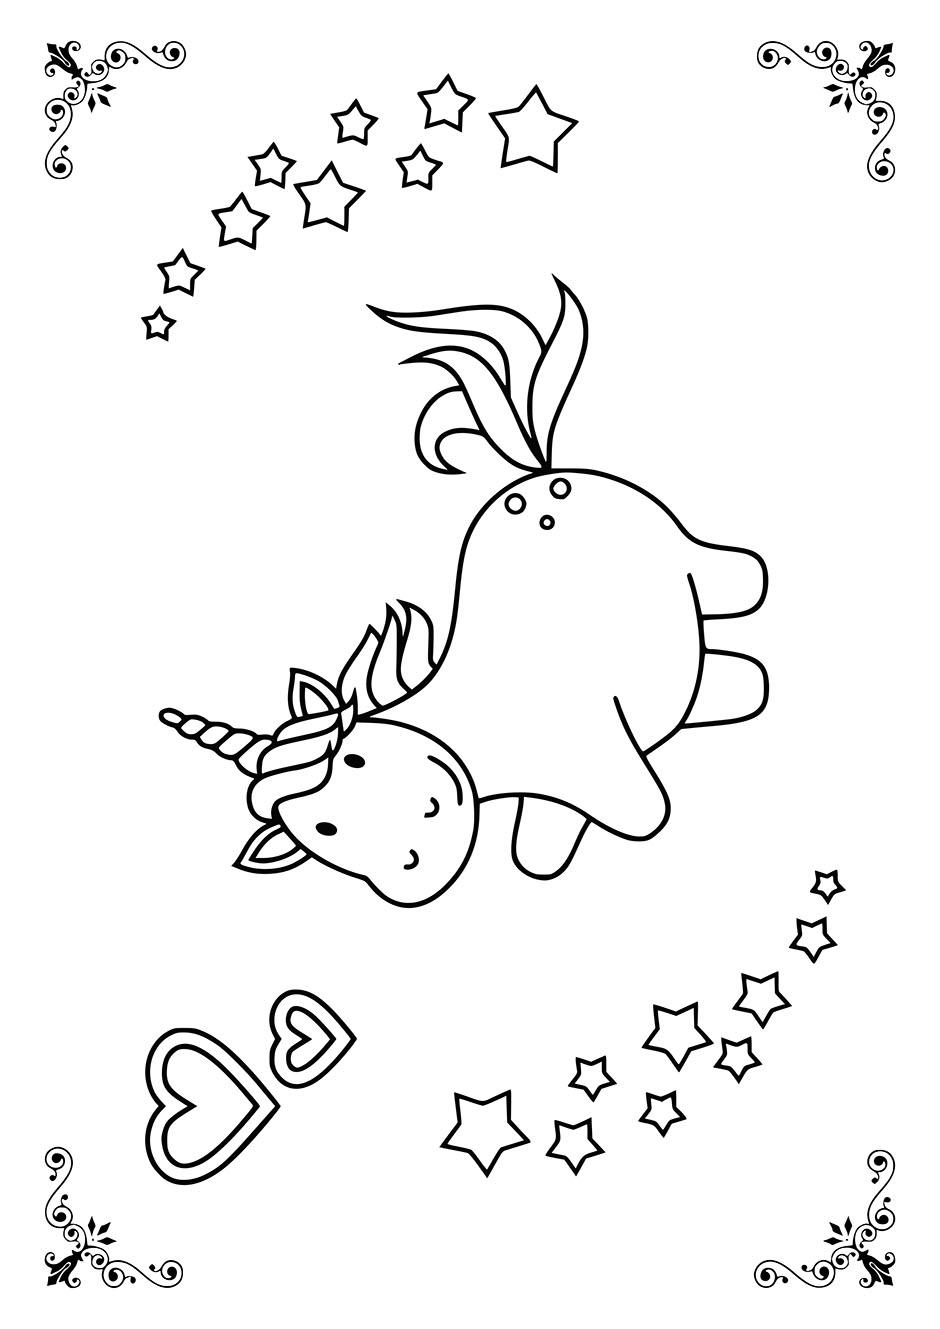 Раскраска: единорог со звездочками — raskraski-a4.ru